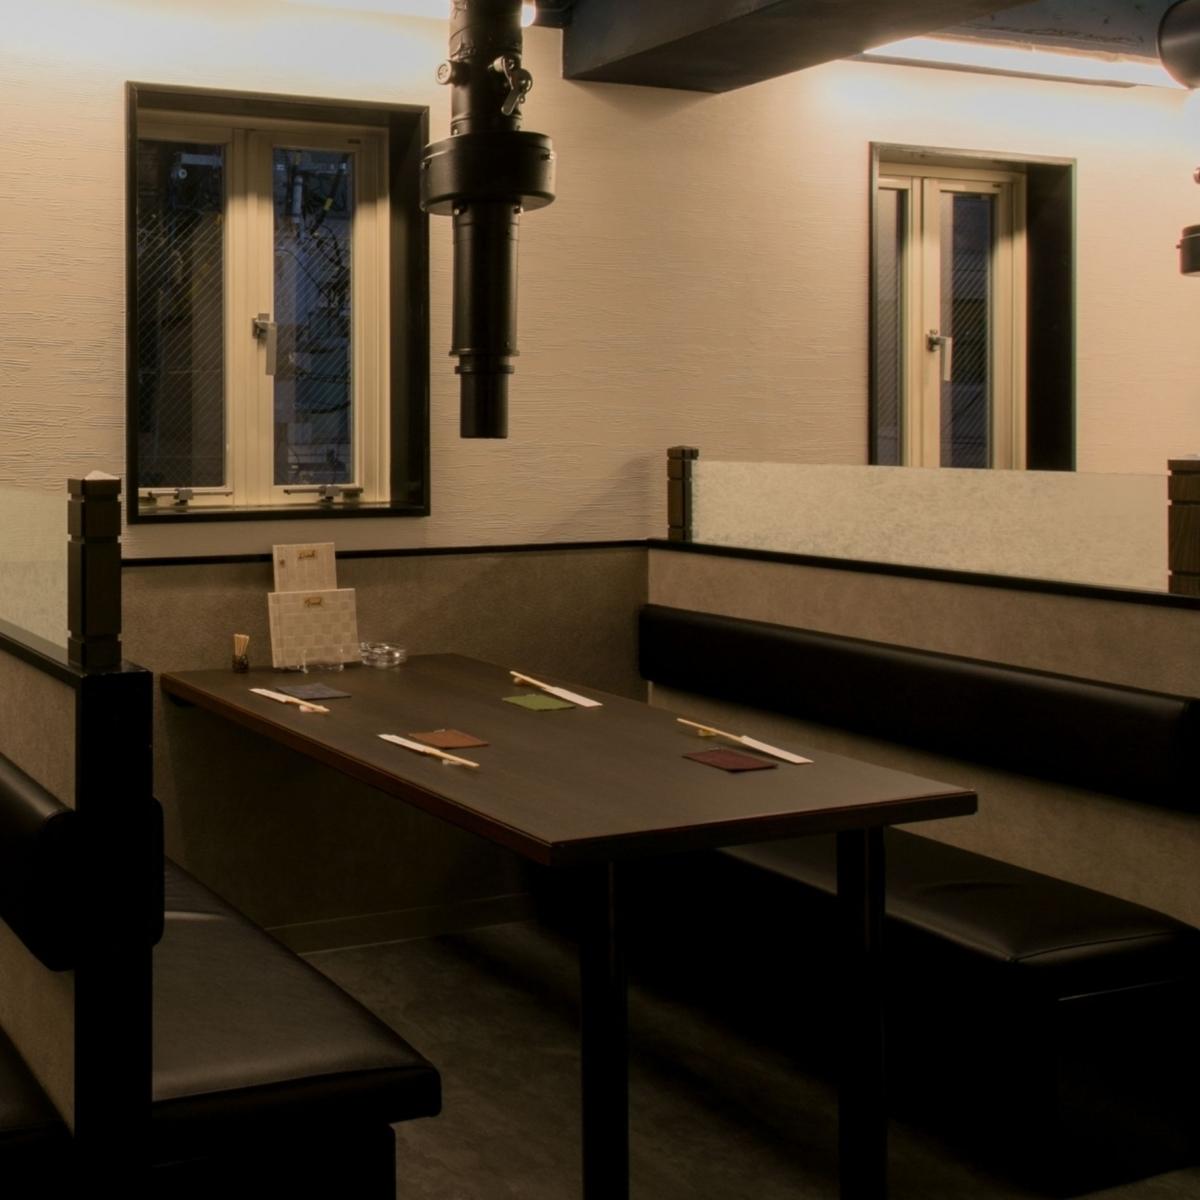 桌座非常适合日常使用。这是一个开放式的座位,您可以在各种场景中使用,例如与朋友一起用餐,与公司同事一起喝酒。